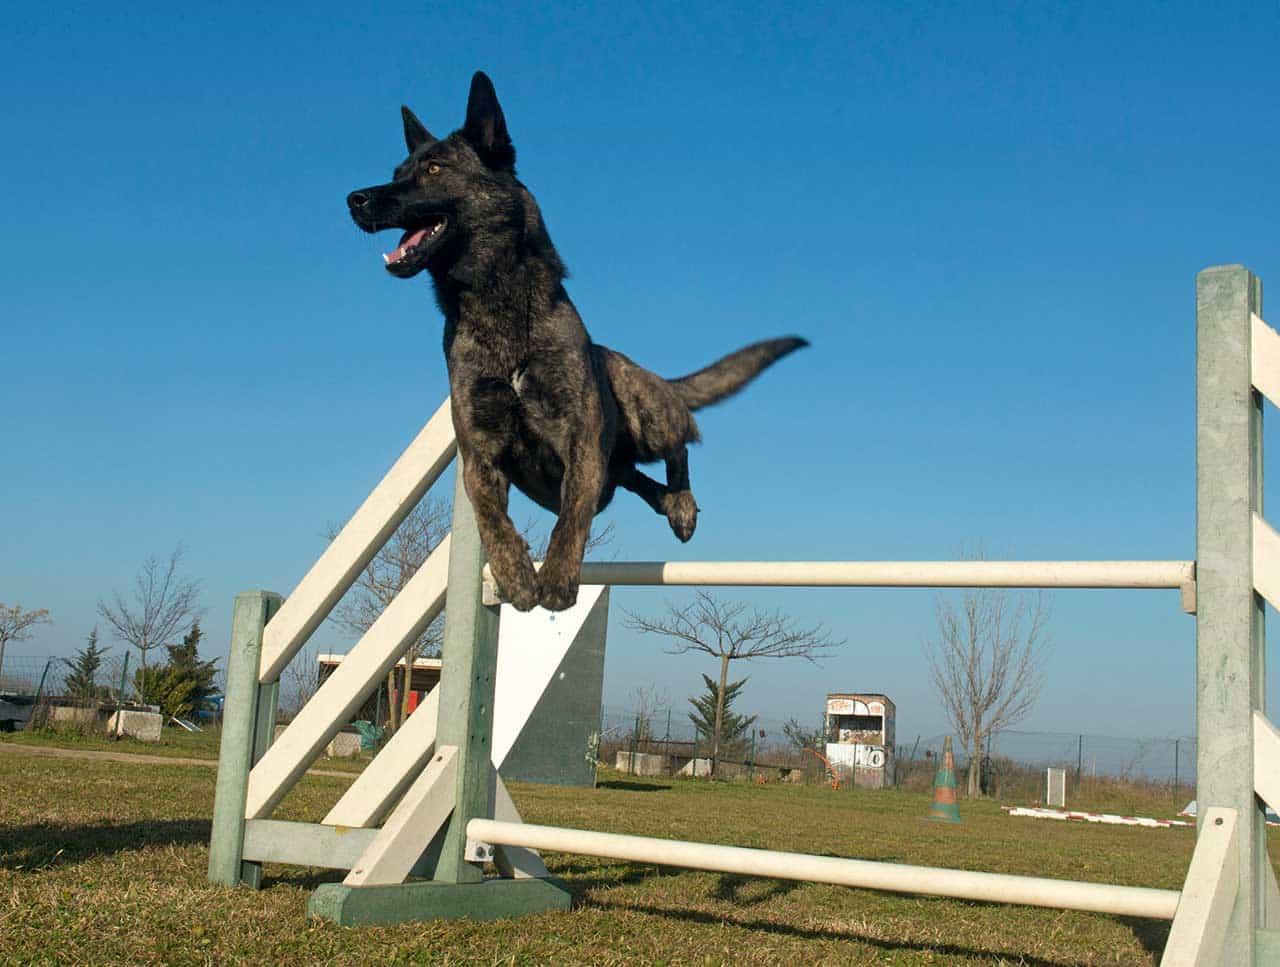 Chó Becgie Hà Lan luôn có ích với người nuôi chúng